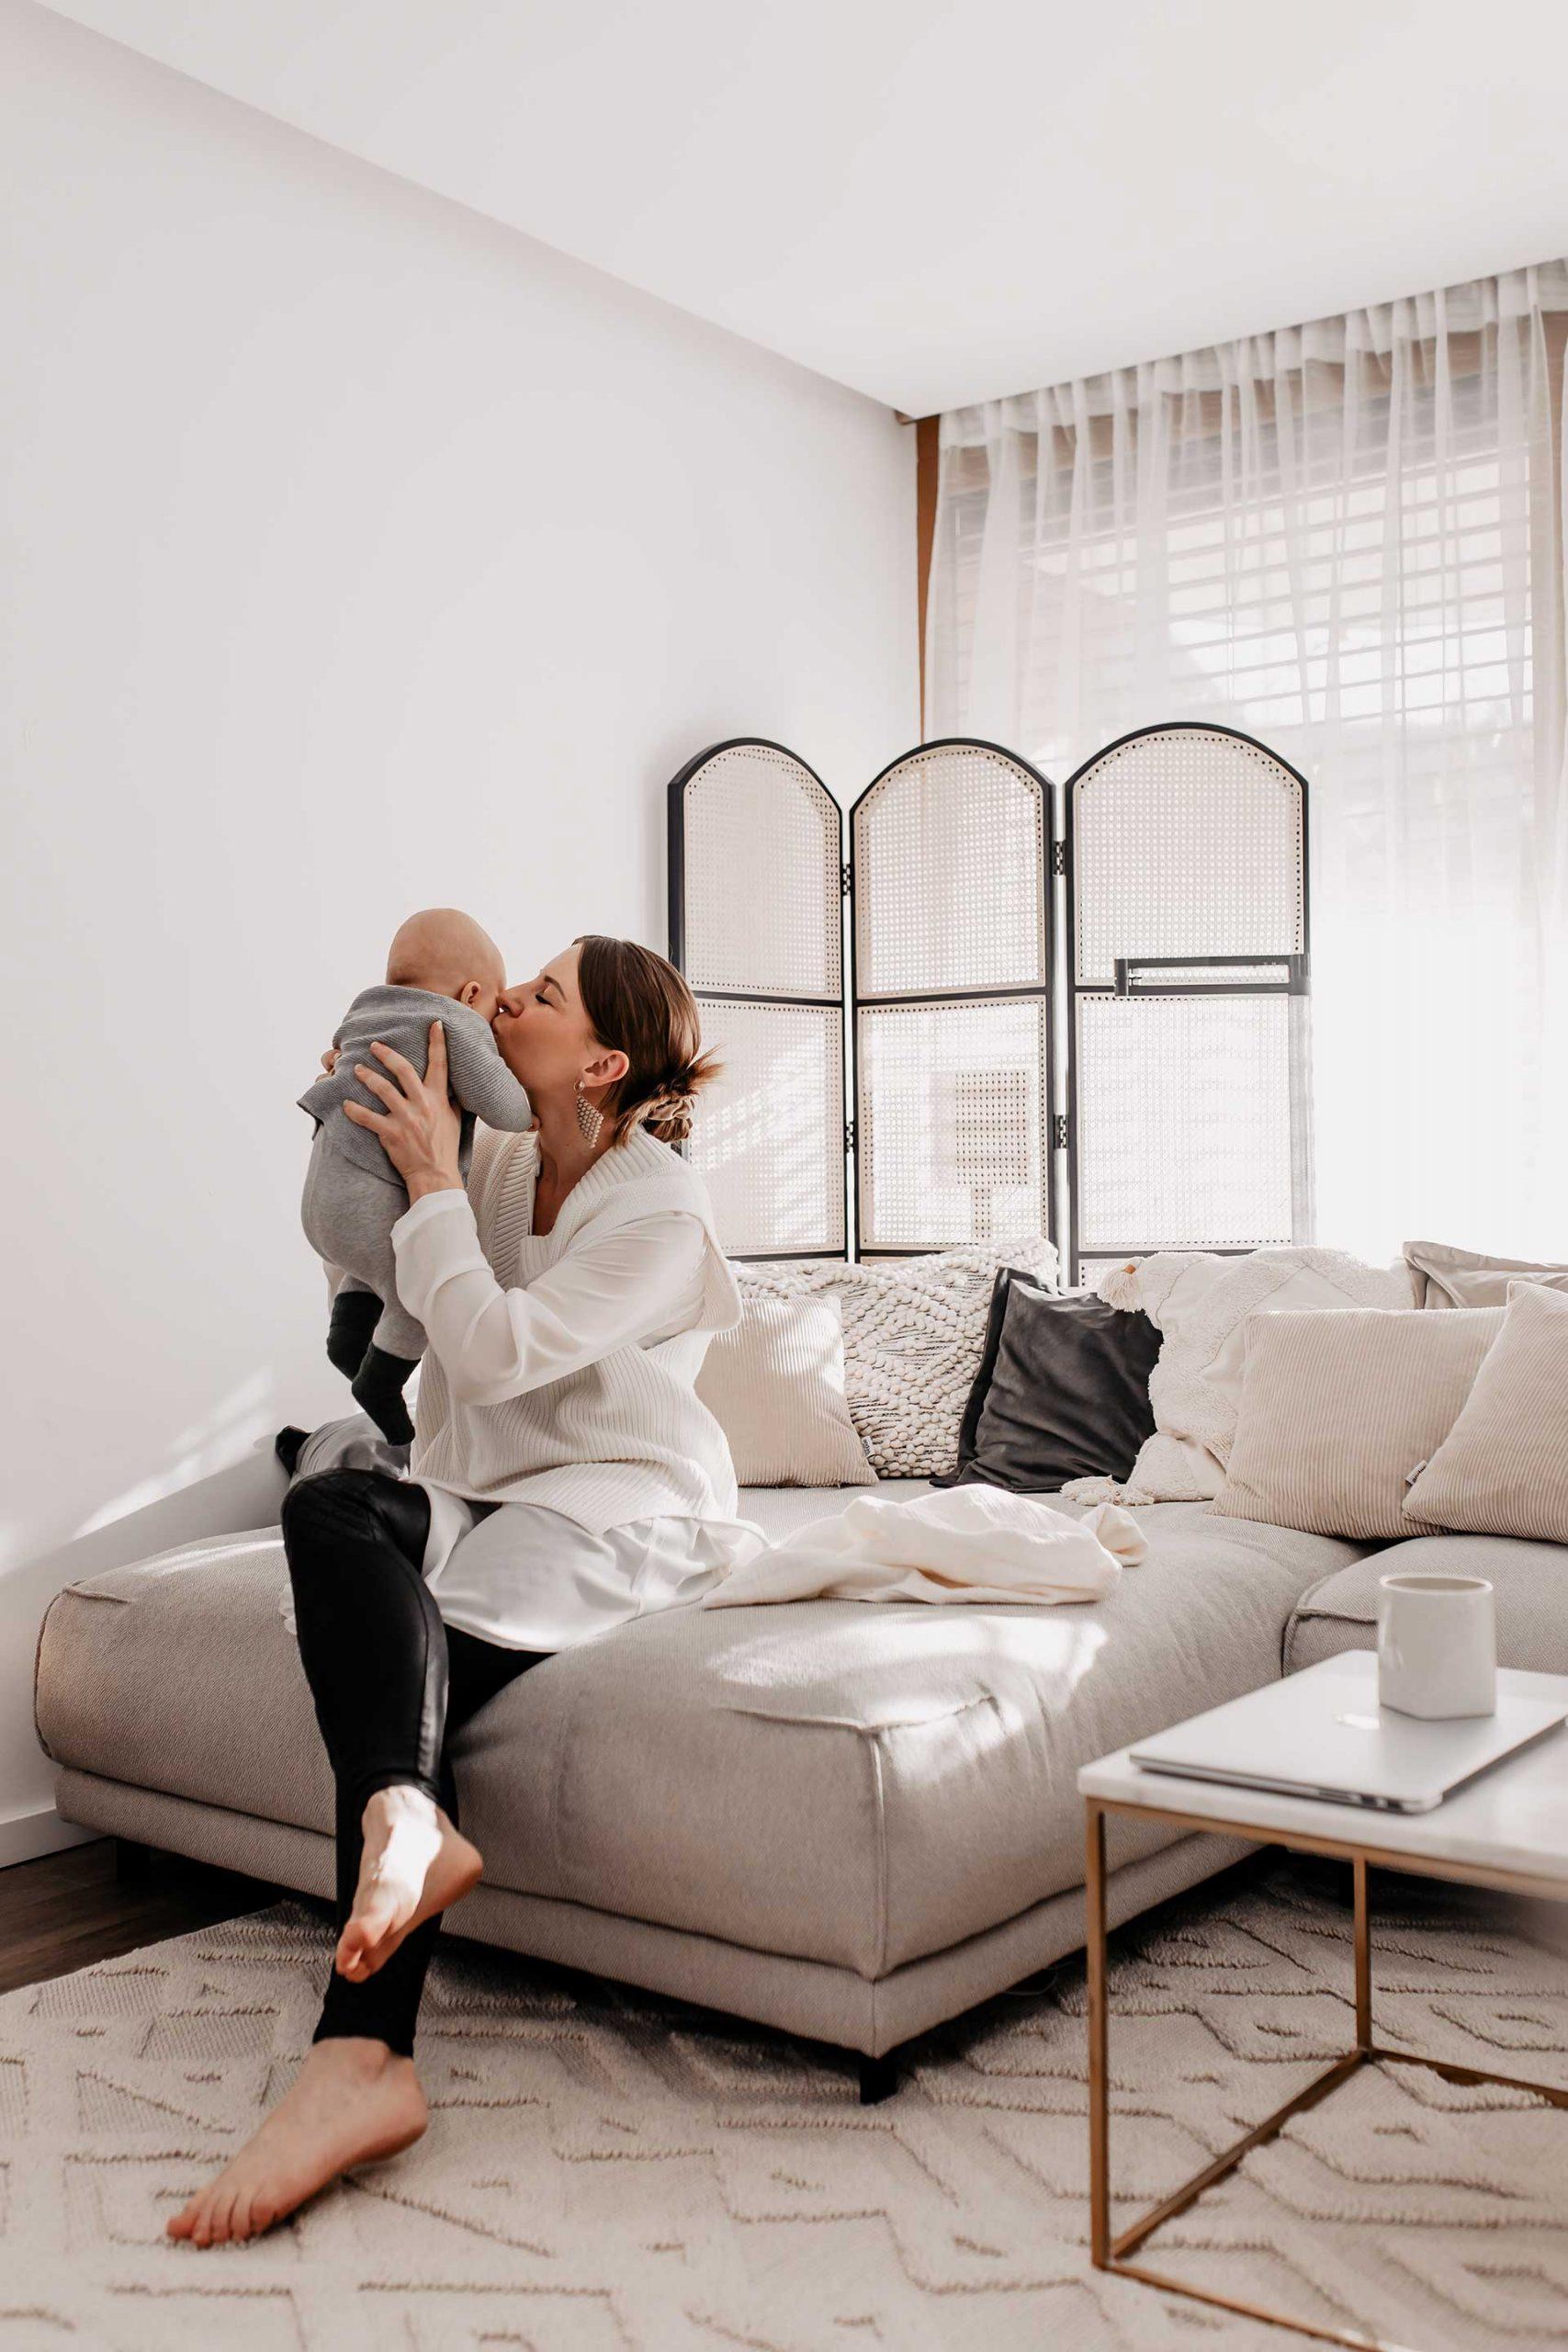 Am Karriere Blog zeige ich dir, wie du gute Neujahrsvorsätze für dich findest und wie du es schaffst, das einzuhalten, was du dir vornimmst! www.whoismocca.com